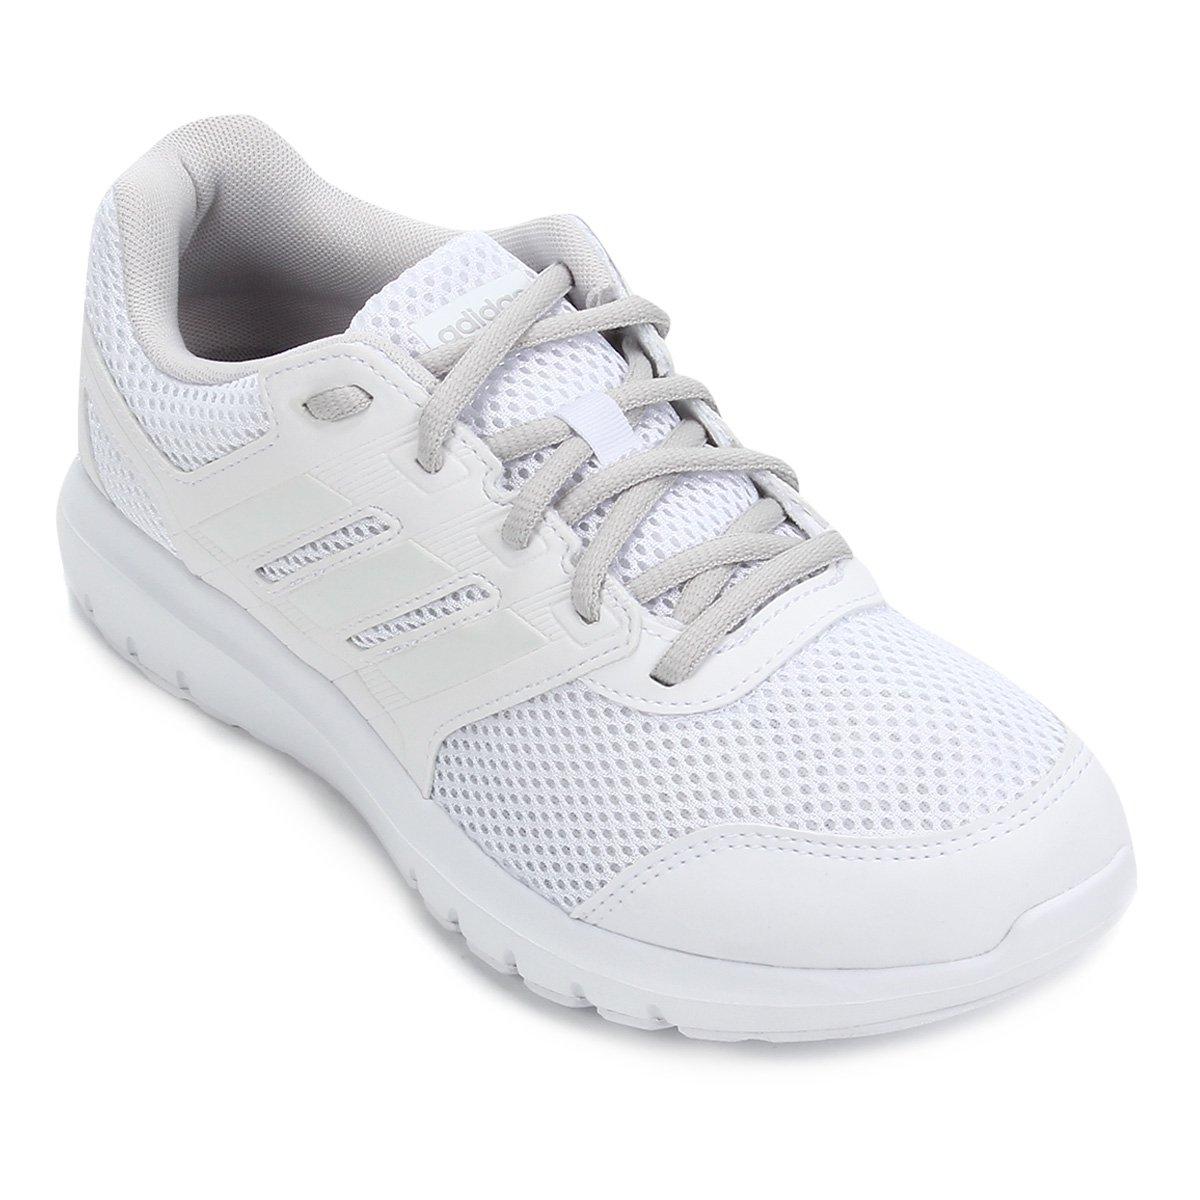 3613e08d98 Tênis Adidas Duramo Lite 2 0 Feminino - Branco | Netshoes